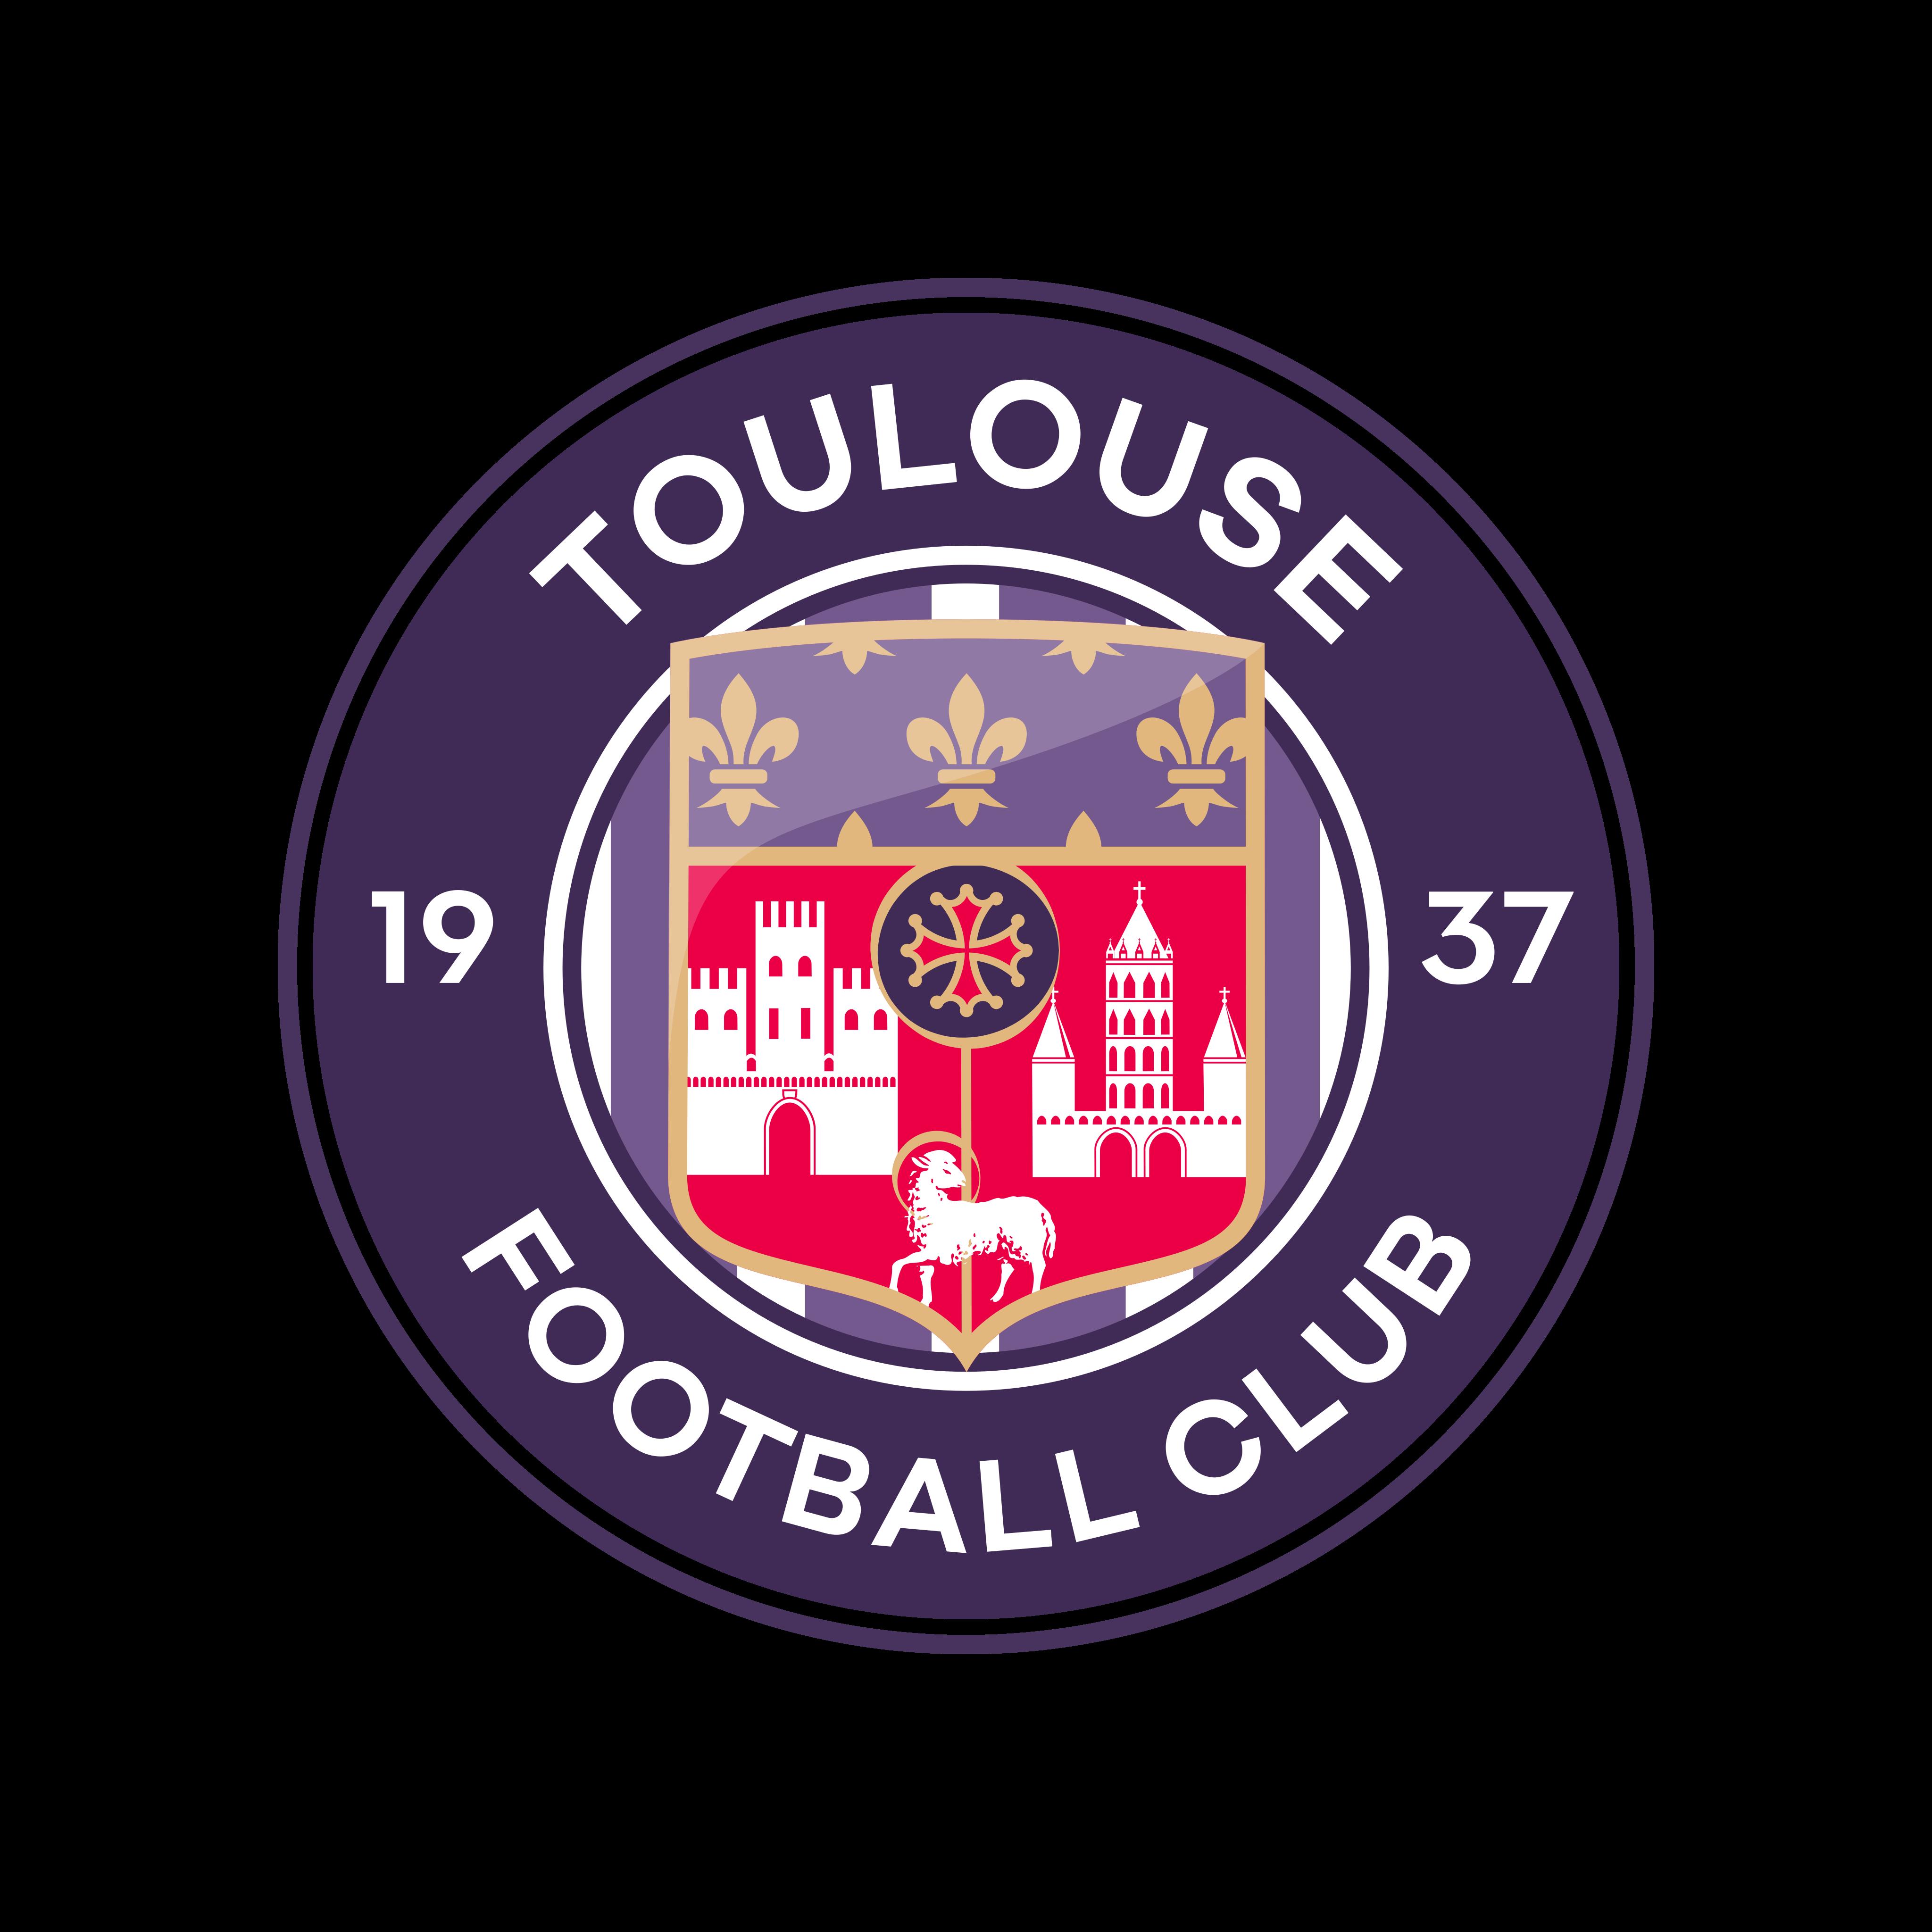 toulouse fc logo 0 - Toulouse Football Club Logo